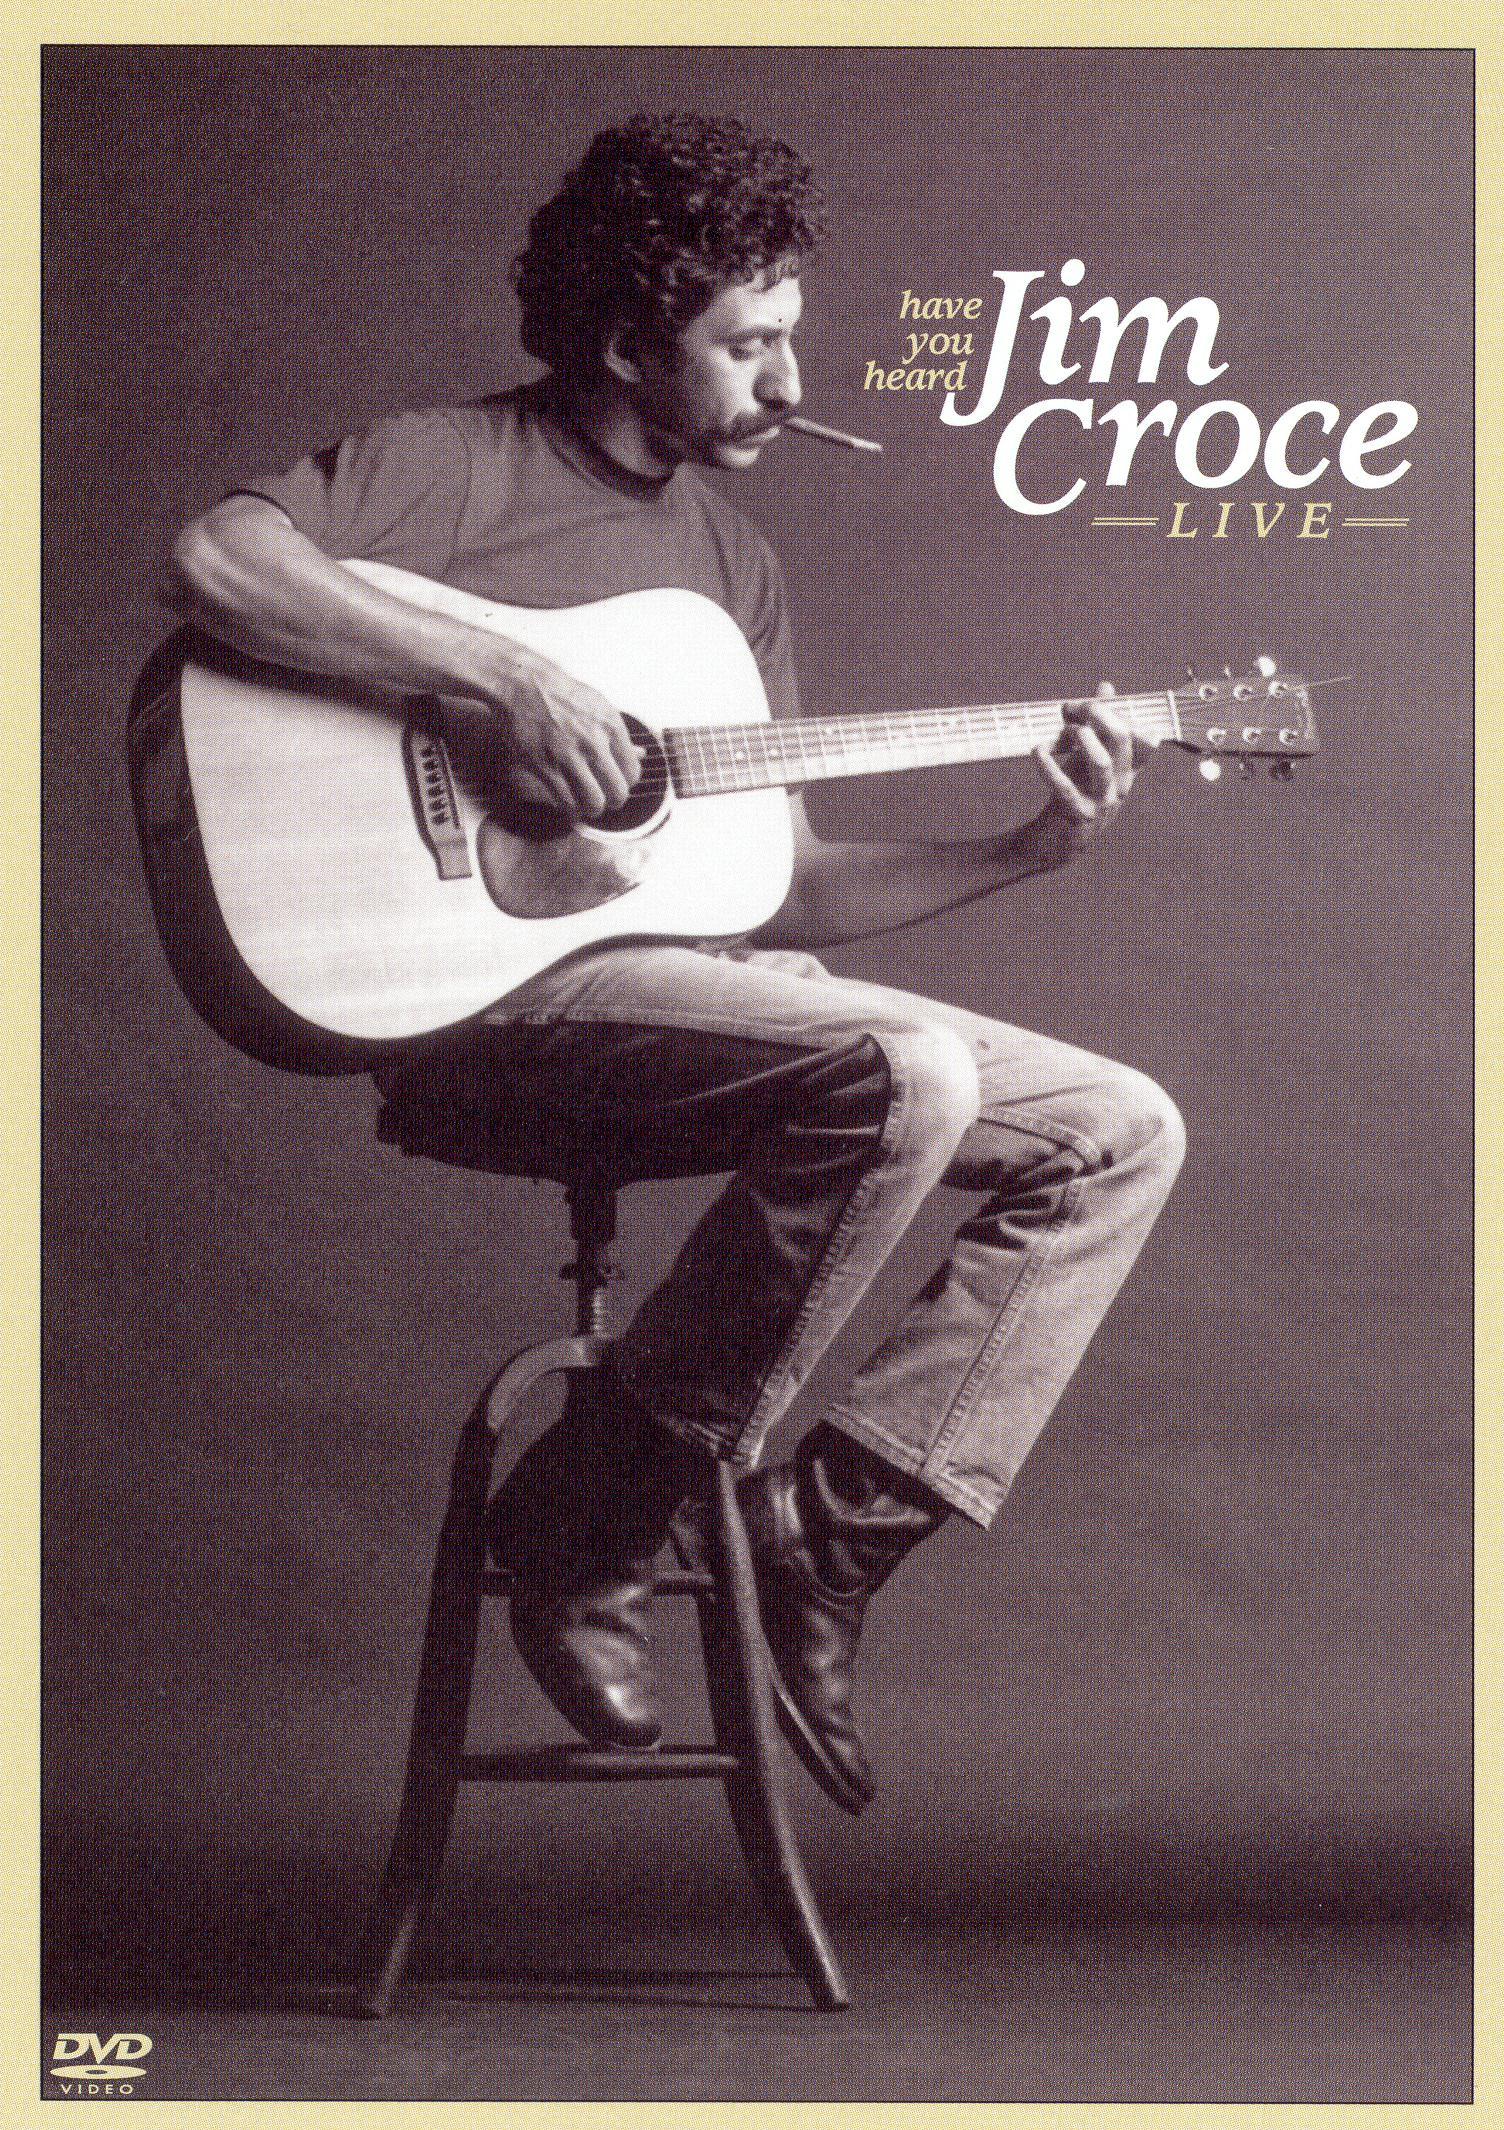 Jim Croce: Have You Heard - Jim Croce Live